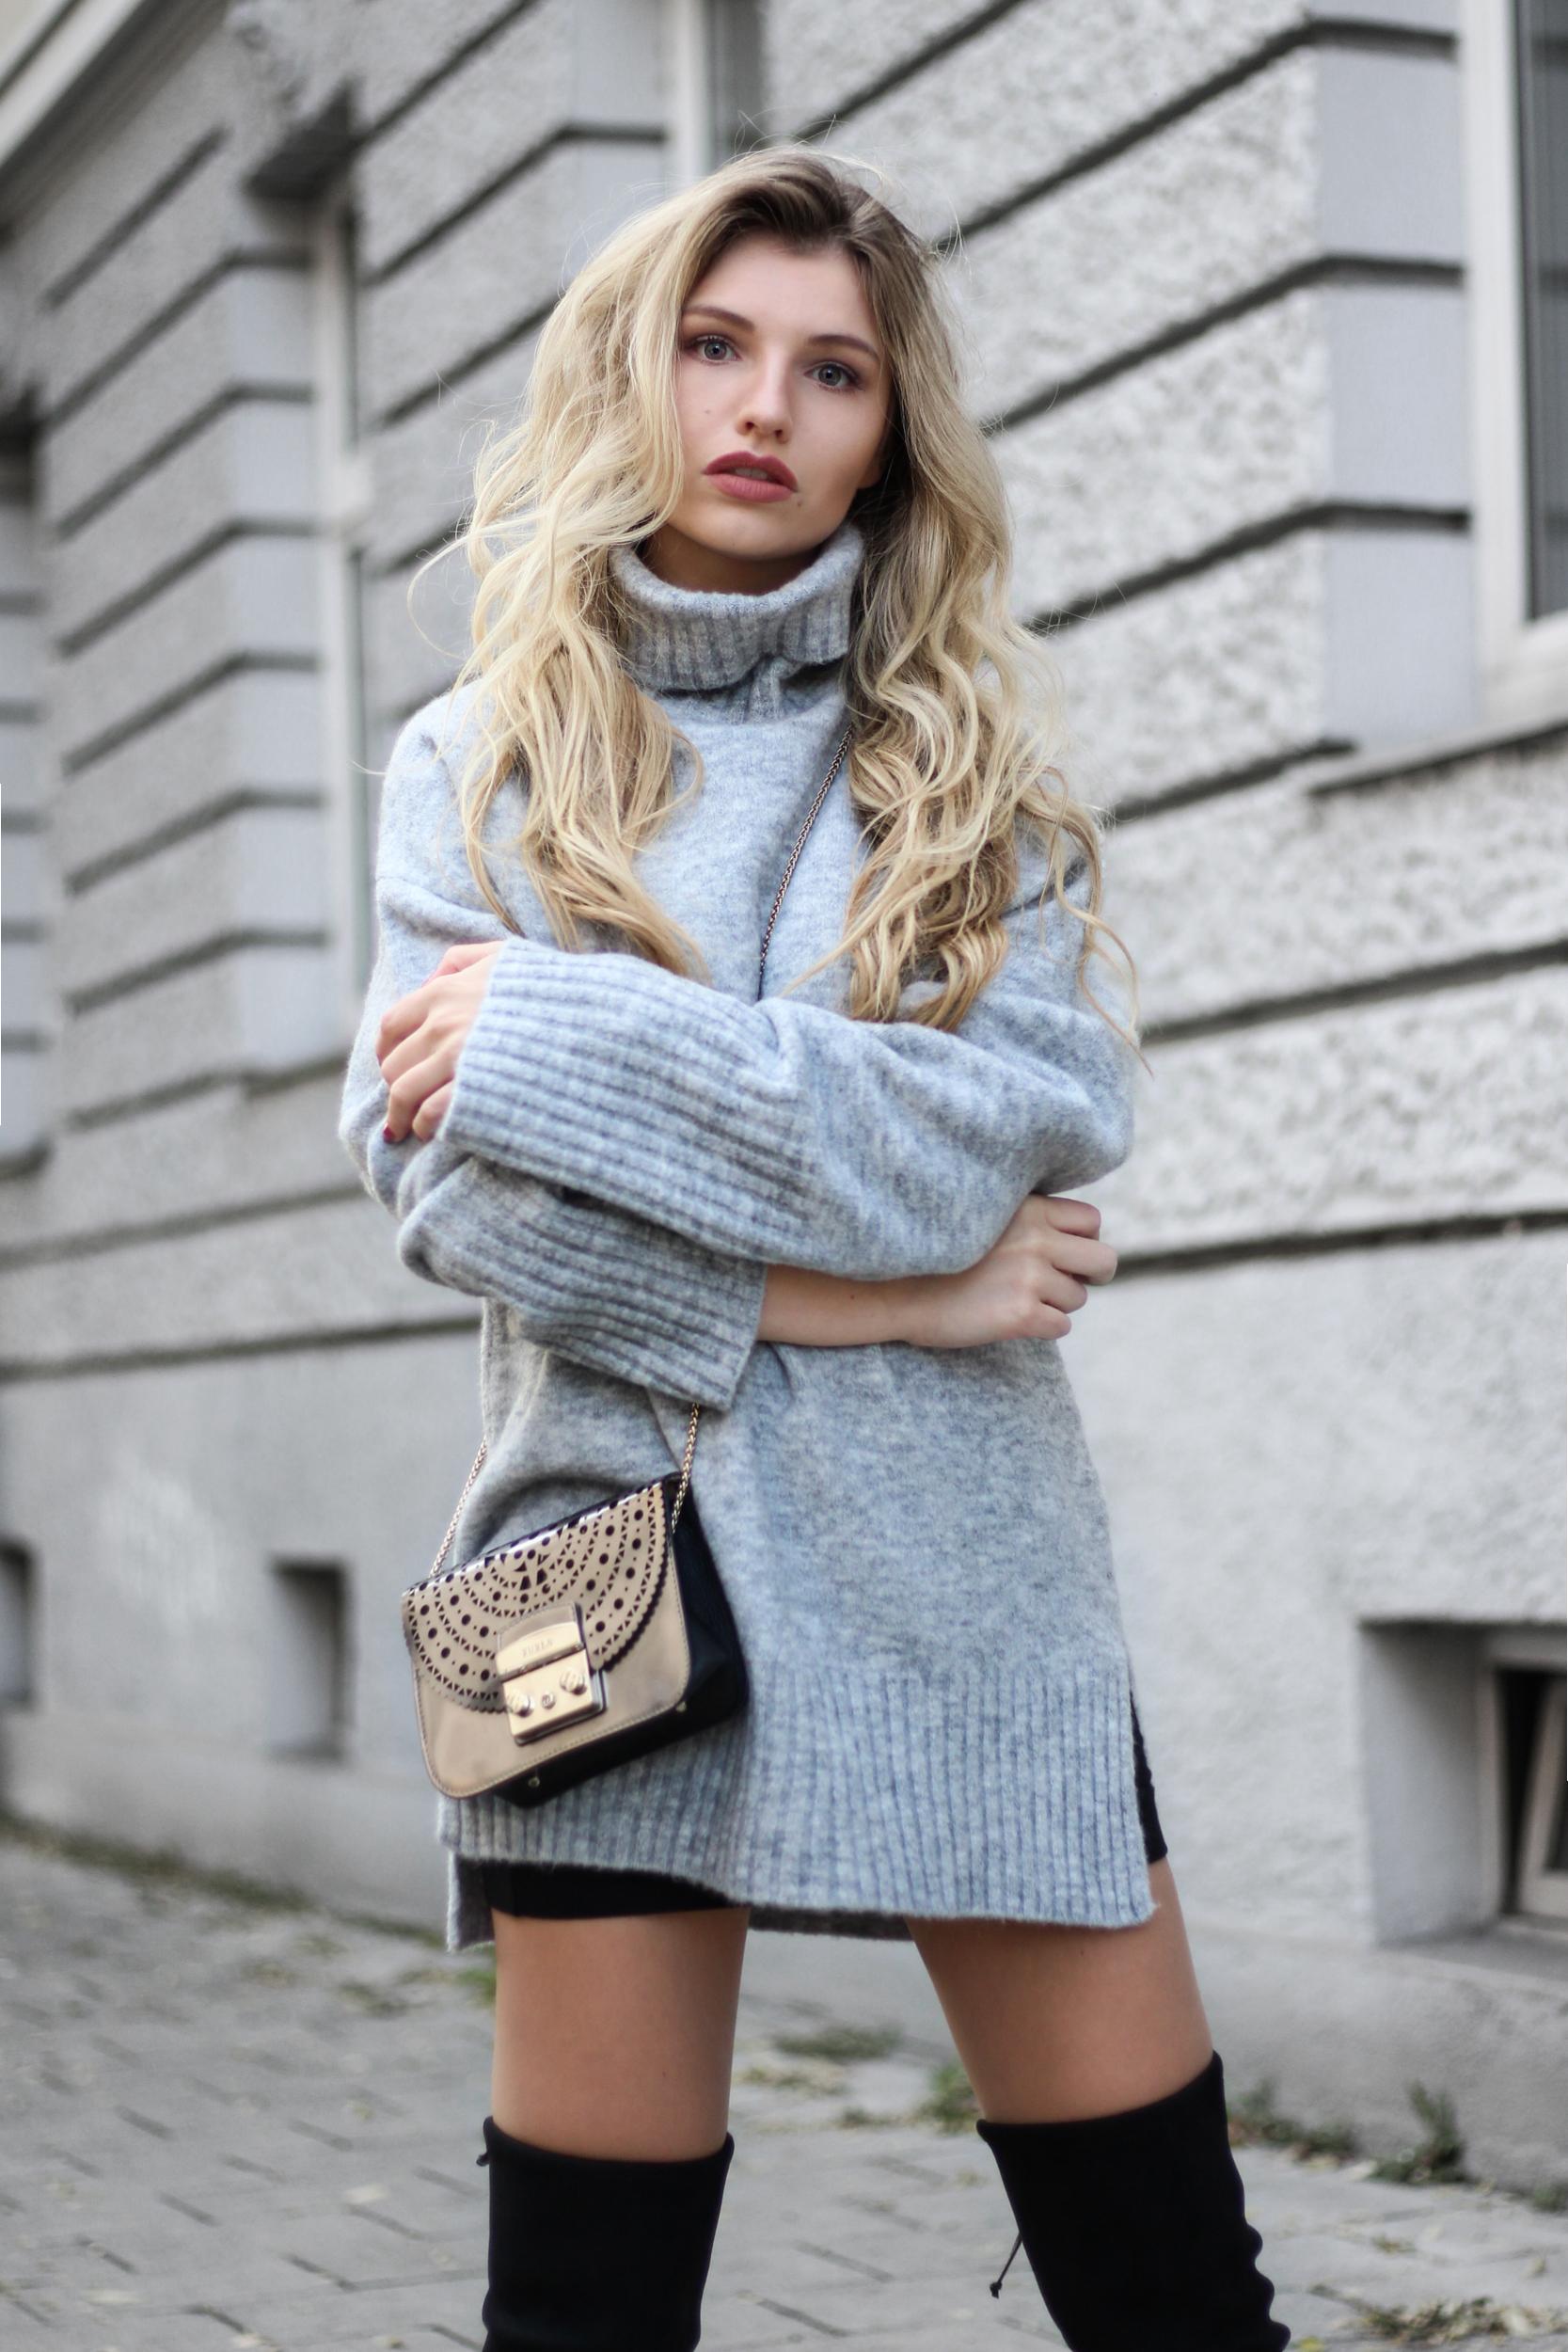 Overknee Stiefel + Oversized Strickpullover – Fashion Blog aus München 0d9c3a5ec9